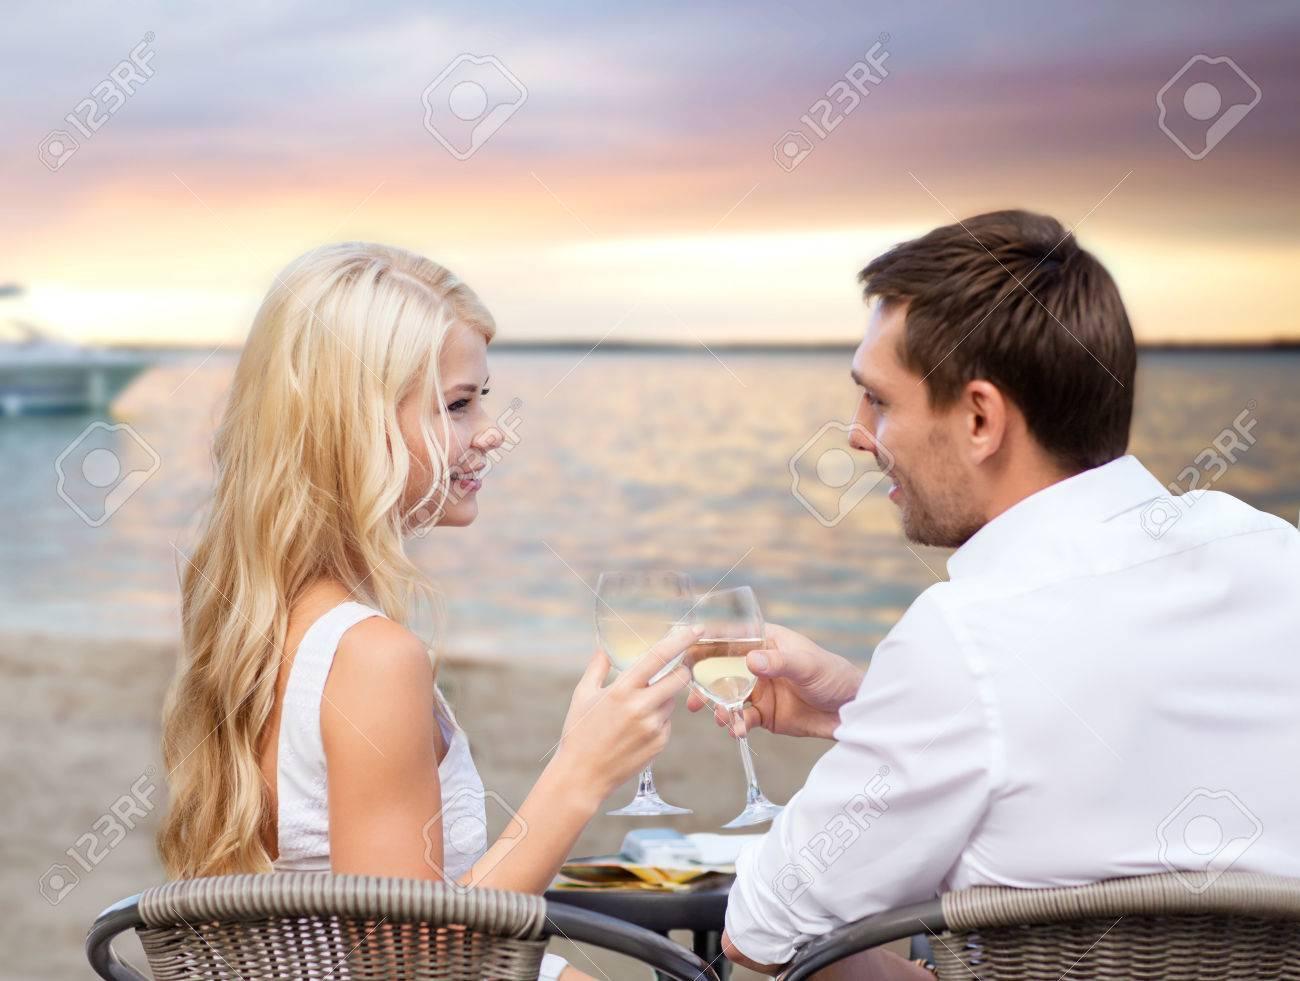 Reisen dating Café Craigslist Ann Arbor dating